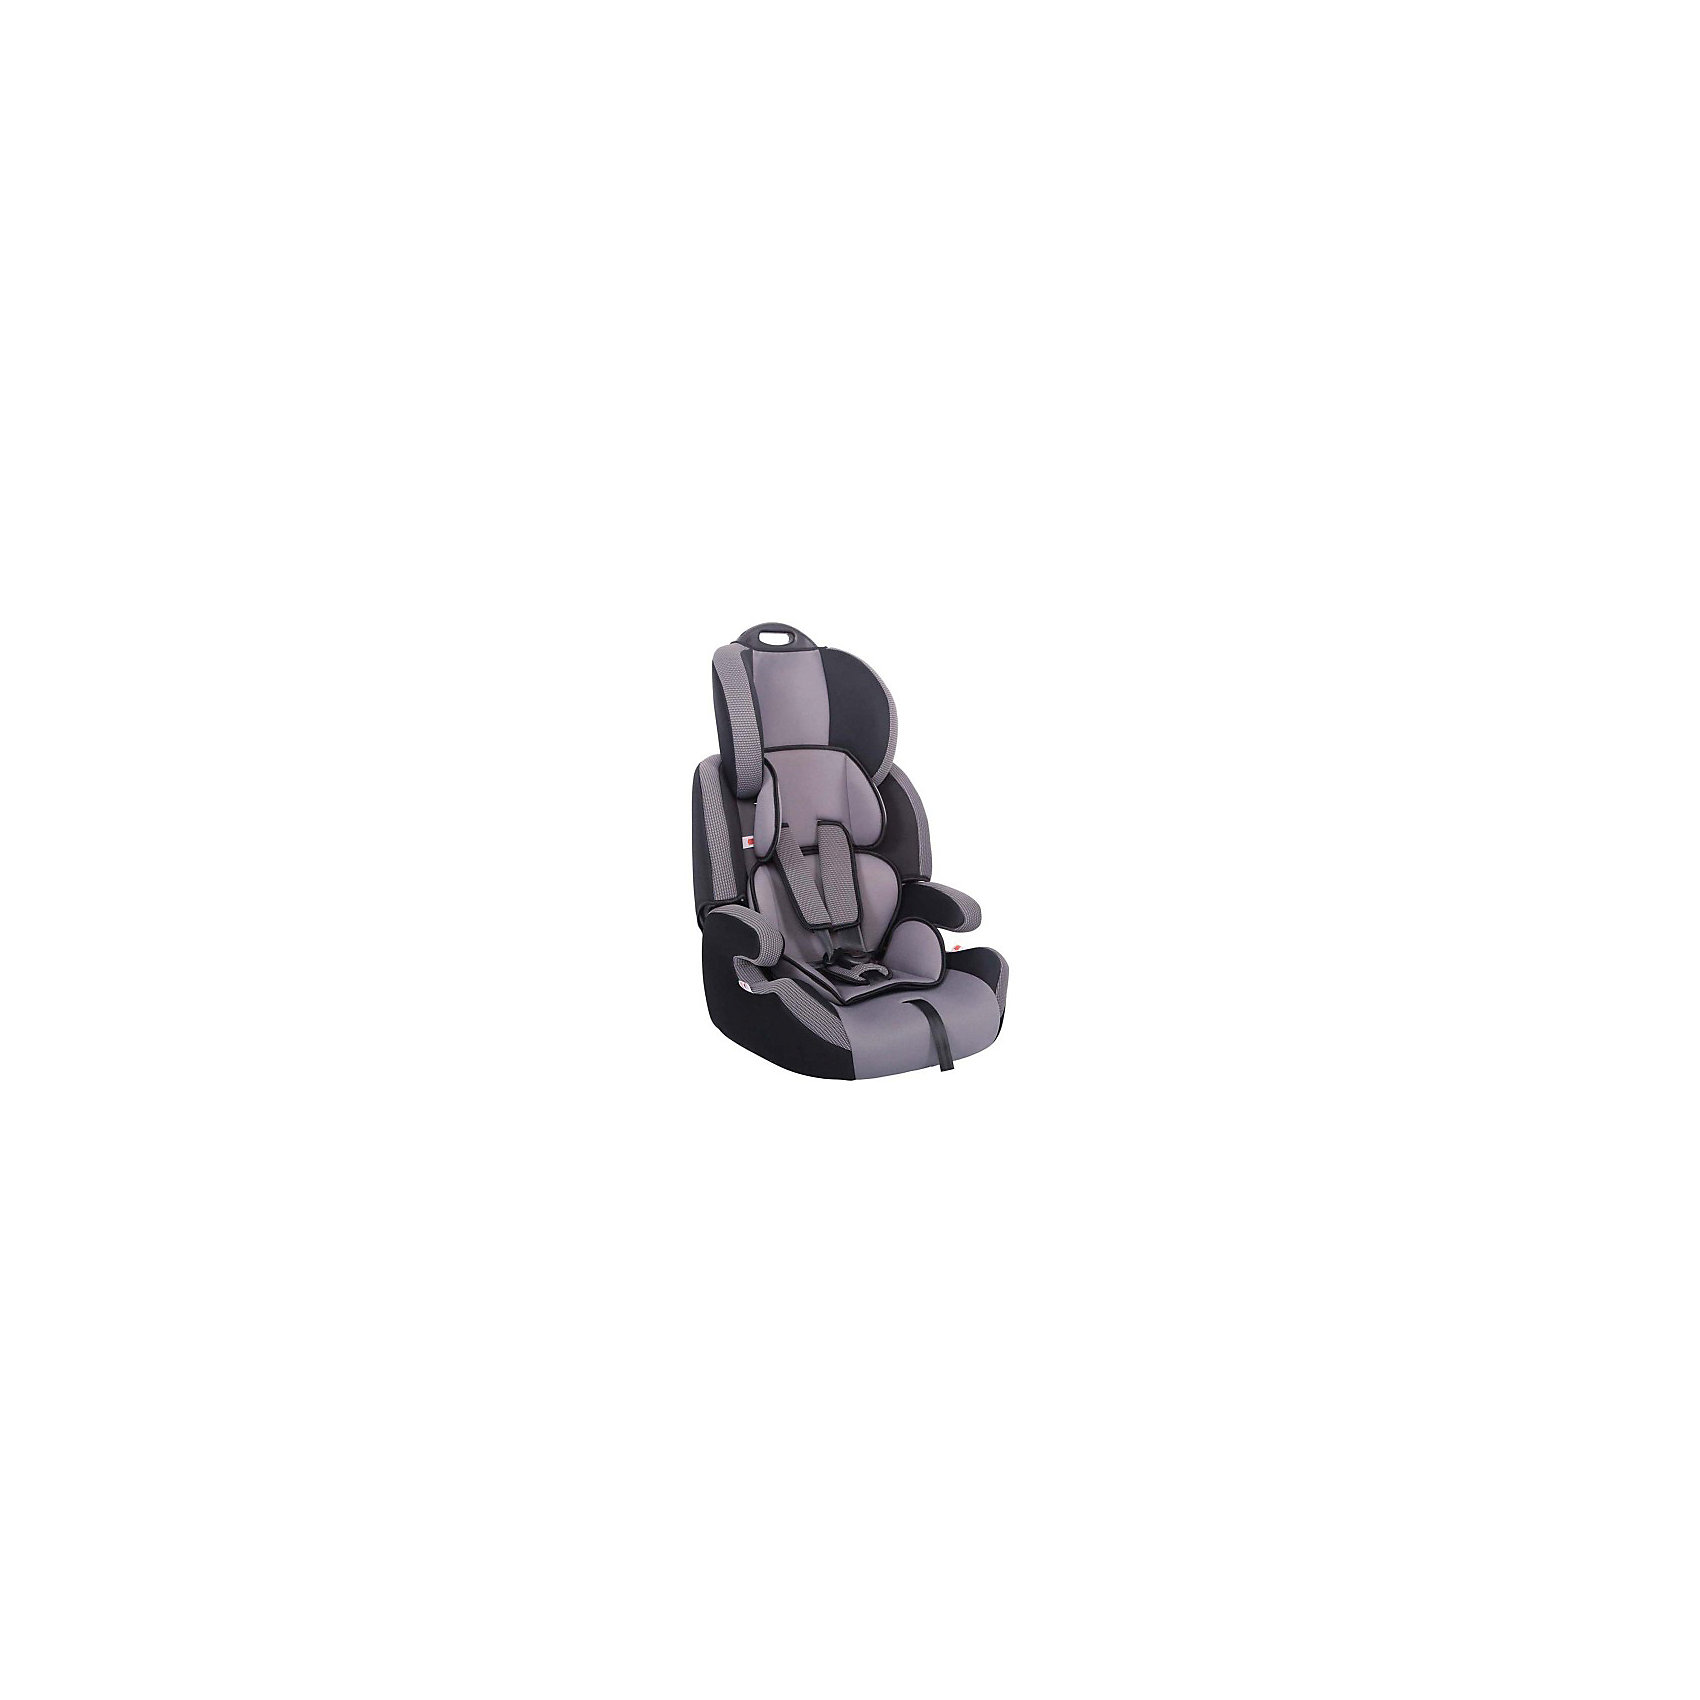 Автокресло Siger Стар, 9-36 кг, серыйГруппа 1-2-3 (От 9 до 36 кг)<br>Автокресло Стар Siger удачно сочетает в себе безопасность, удобство и качество. Его можно использовать для перевозки детей от 12 месяцев до 12 лет. Это универсальное кресло оборудовано 5-точеными ремнями безопасности, которые регулируются по глубине и высоте. Съёмный чехол изготовлен из прочного гипоаллергенного материала, который прошел специальную обработку и признан безопасным для детей.<br><br>Дополнительная информация:<br><br>- Материал: текстиль, пластик, металл.<br>- Размер: 70x60x50 см<br>- Возраст: от 12 месяцев до 12 лет<br>- Группа: 1/2/3 (9-36 кг)<br>- Вес кресла: 5.5 кг<br>- Регулировка подголовника по высоте<br>- Регулировка наклона спинки<br>- Внутренние 5-точечные ремни безопасности<br><br>Автокресло Стар, 9-36 кг., Siger, серый можно купить в нашем интернет-магазине.<br><br>Ширина мм: 600<br>Глубина мм: 500<br>Высота мм: 700<br>Вес г: 5500<br>Возраст от месяцев: 12<br>Возраст до месяцев: 144<br>Пол: Унисекс<br>Возраст: Детский<br>SKU: 4809126